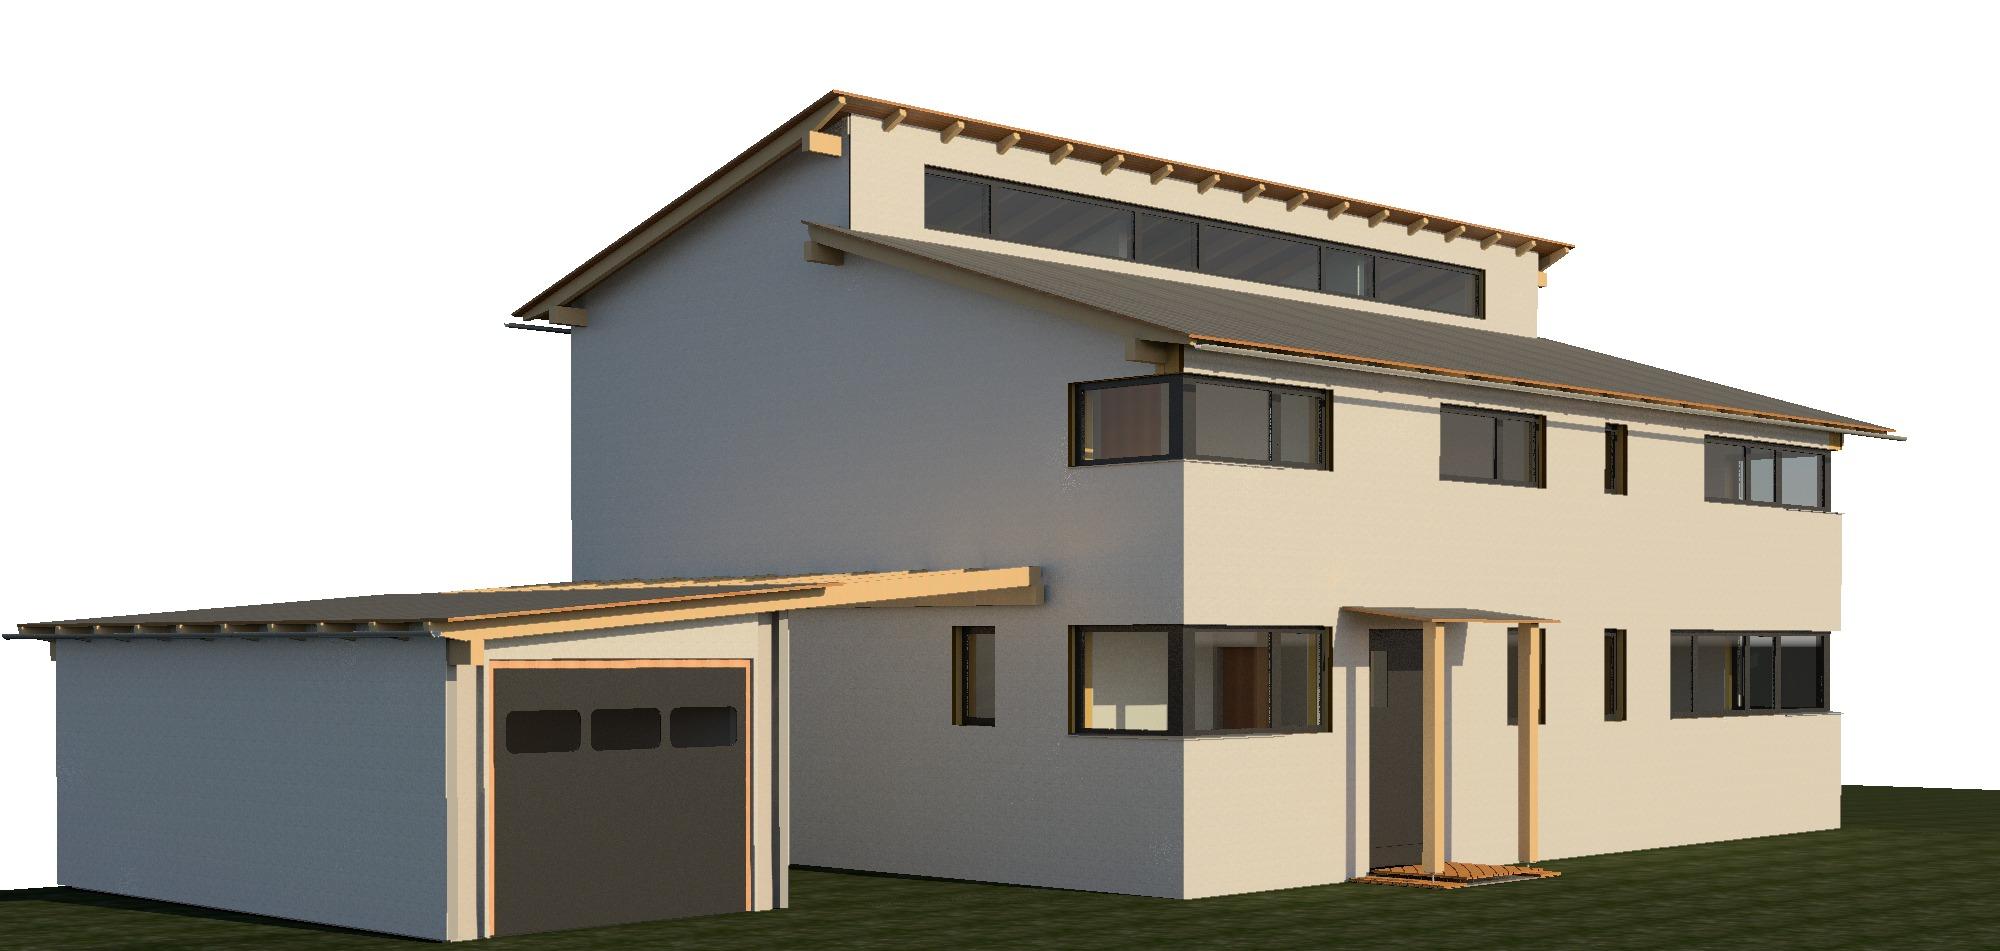 Raas-rendering20150312-26058-1eyfcki